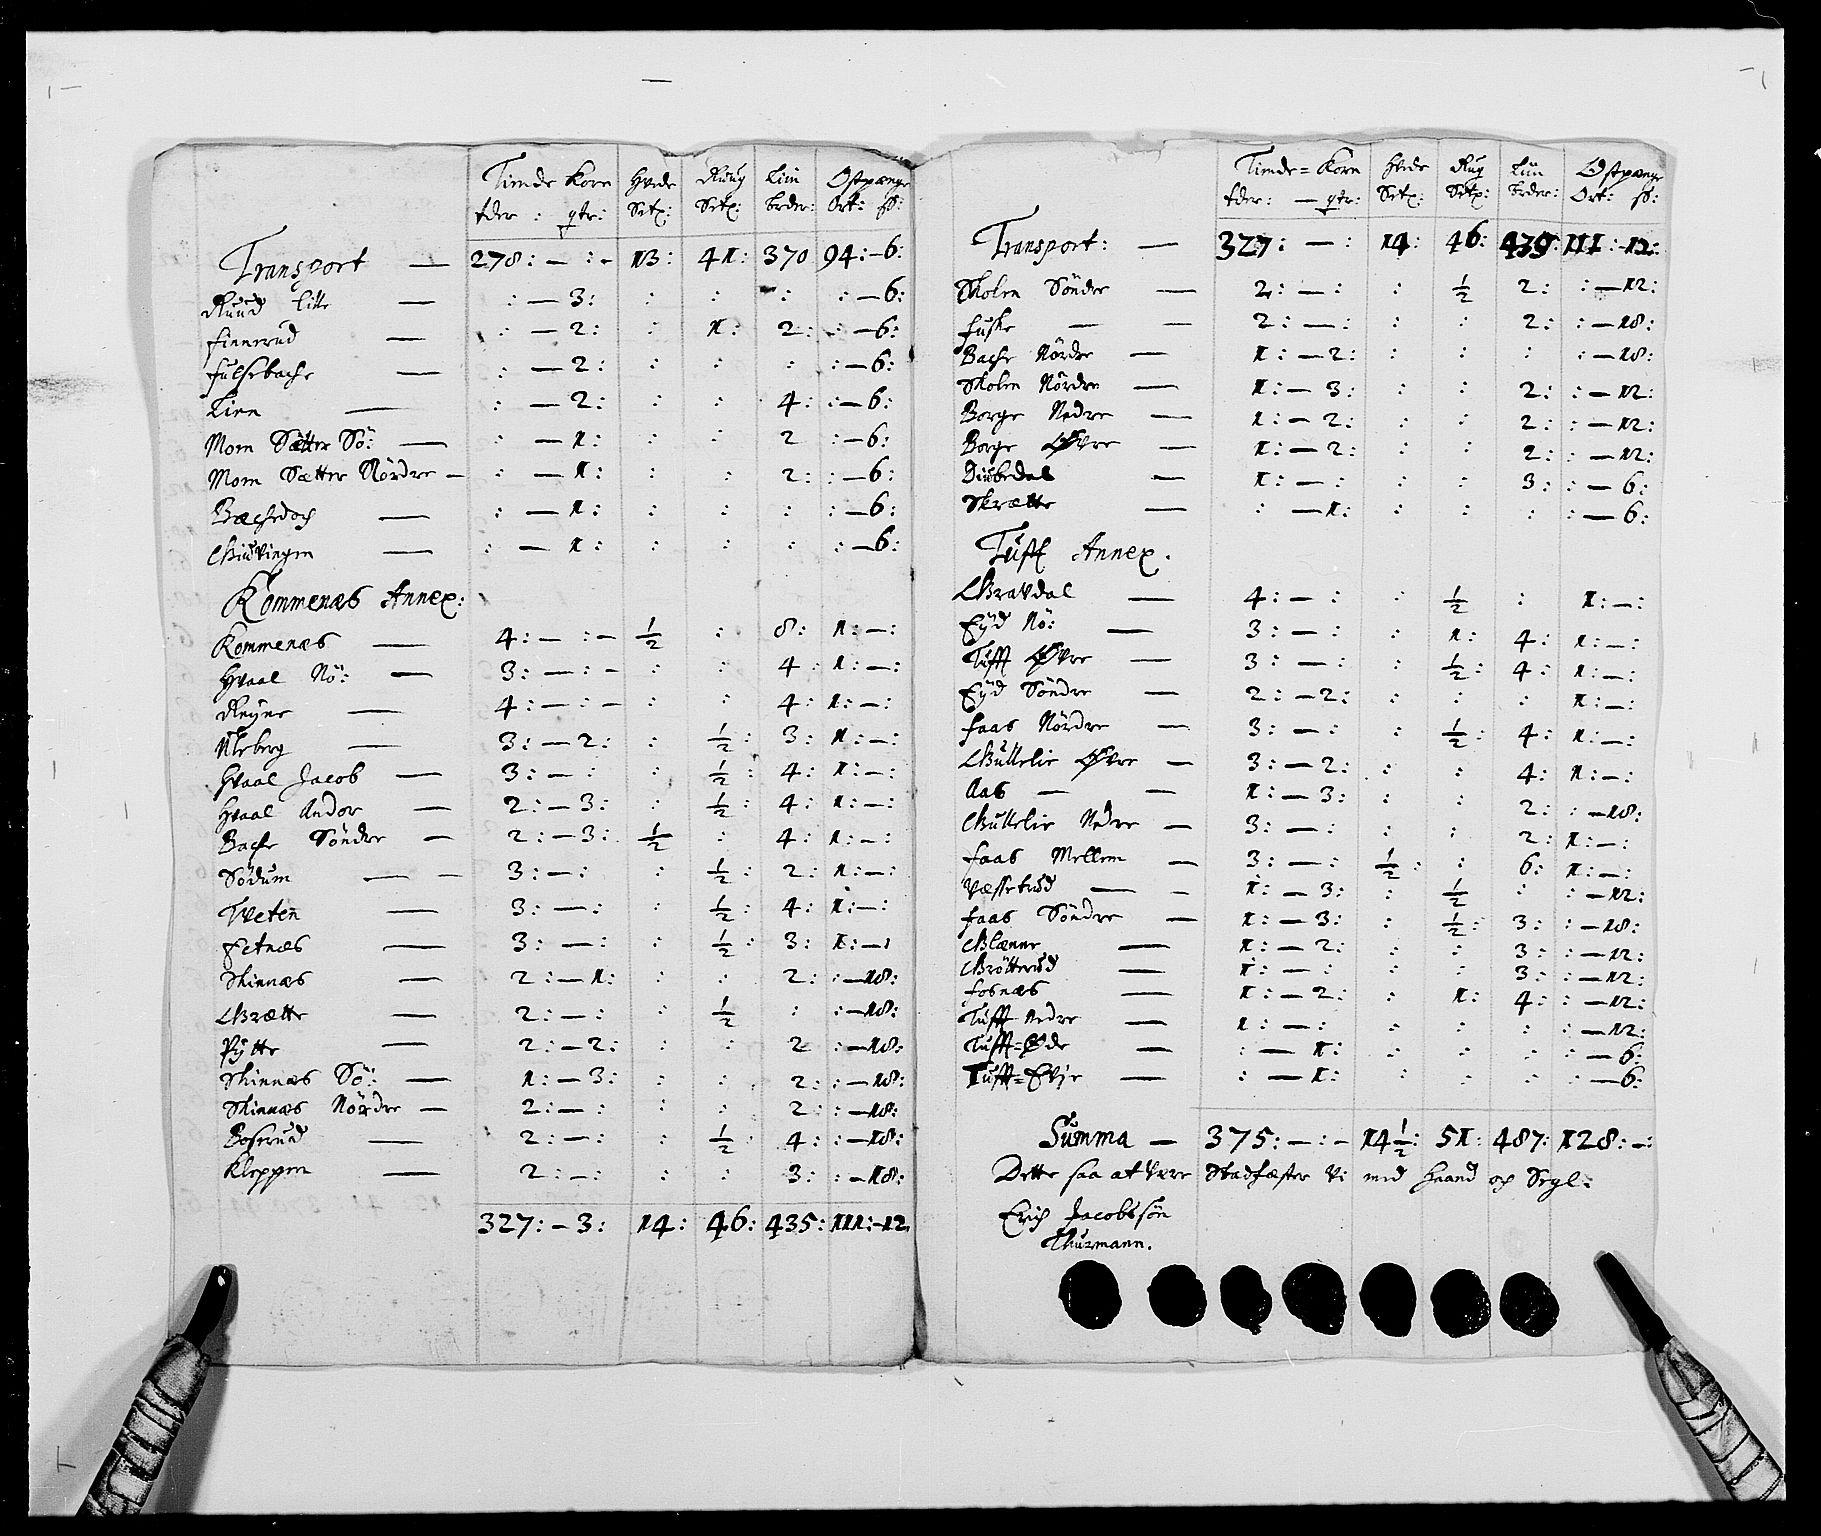 RA, Rentekammeret inntil 1814, Reviderte regnskaper, Fogderegnskap, R24/L1573: Fogderegnskap Numedal og Sandsvær, 1687-1691, s. 421